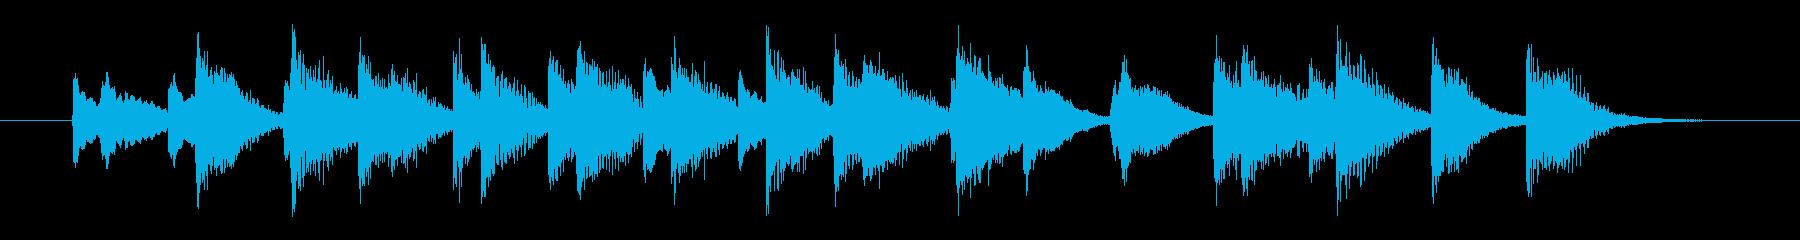 陽気な酒場のホンキートンクピアノロゴの再生済みの波形